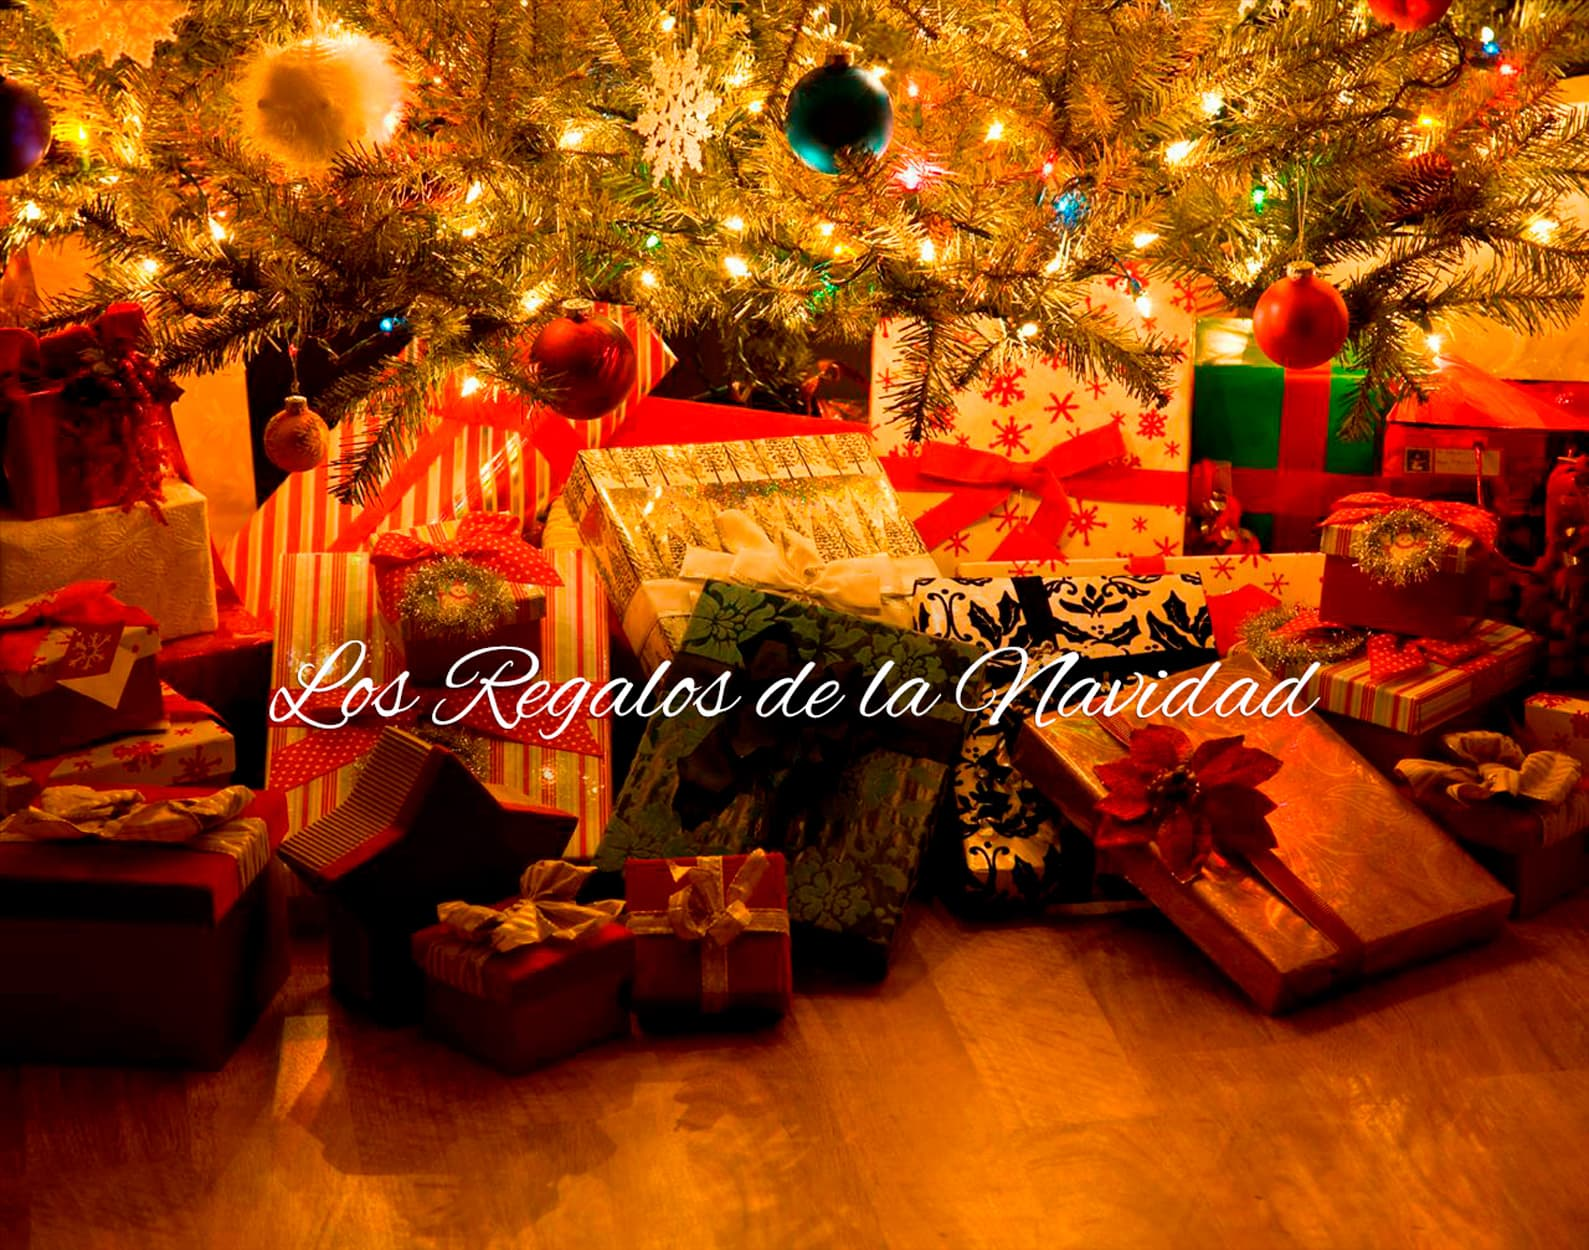 Los Regalos de la Navidad